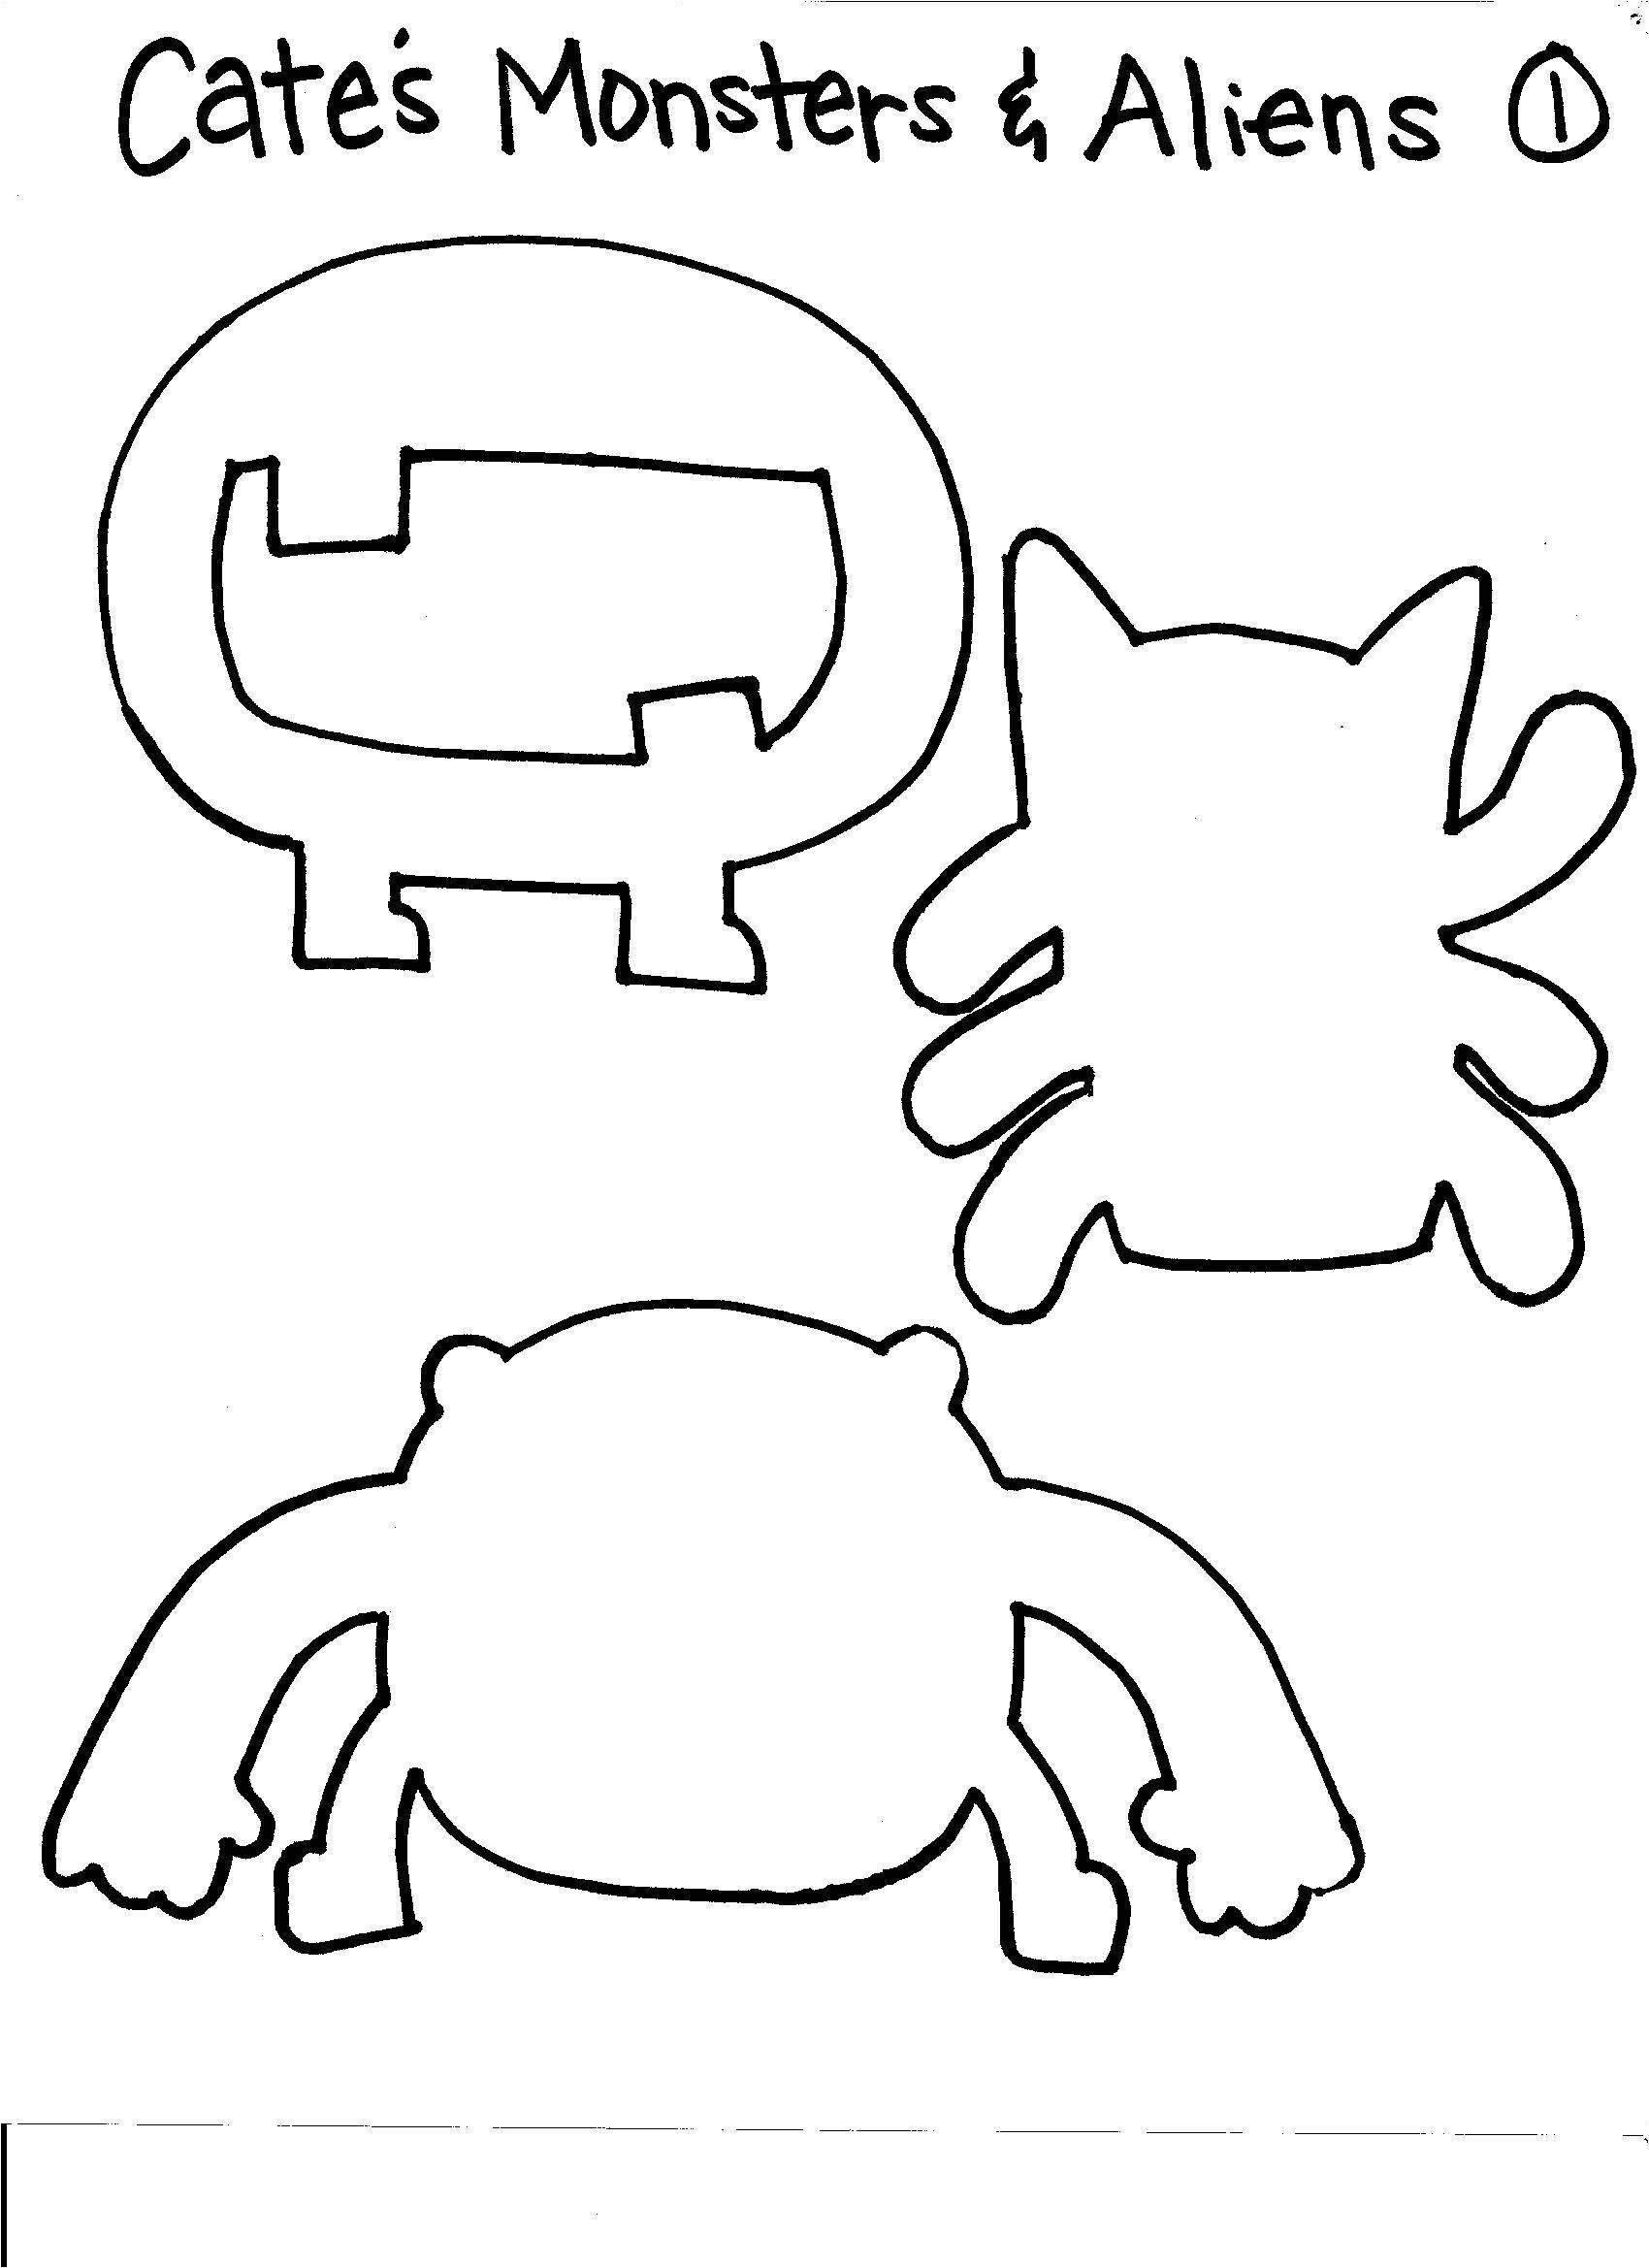 Template Montser Monster Template Http Webdesign14 Com